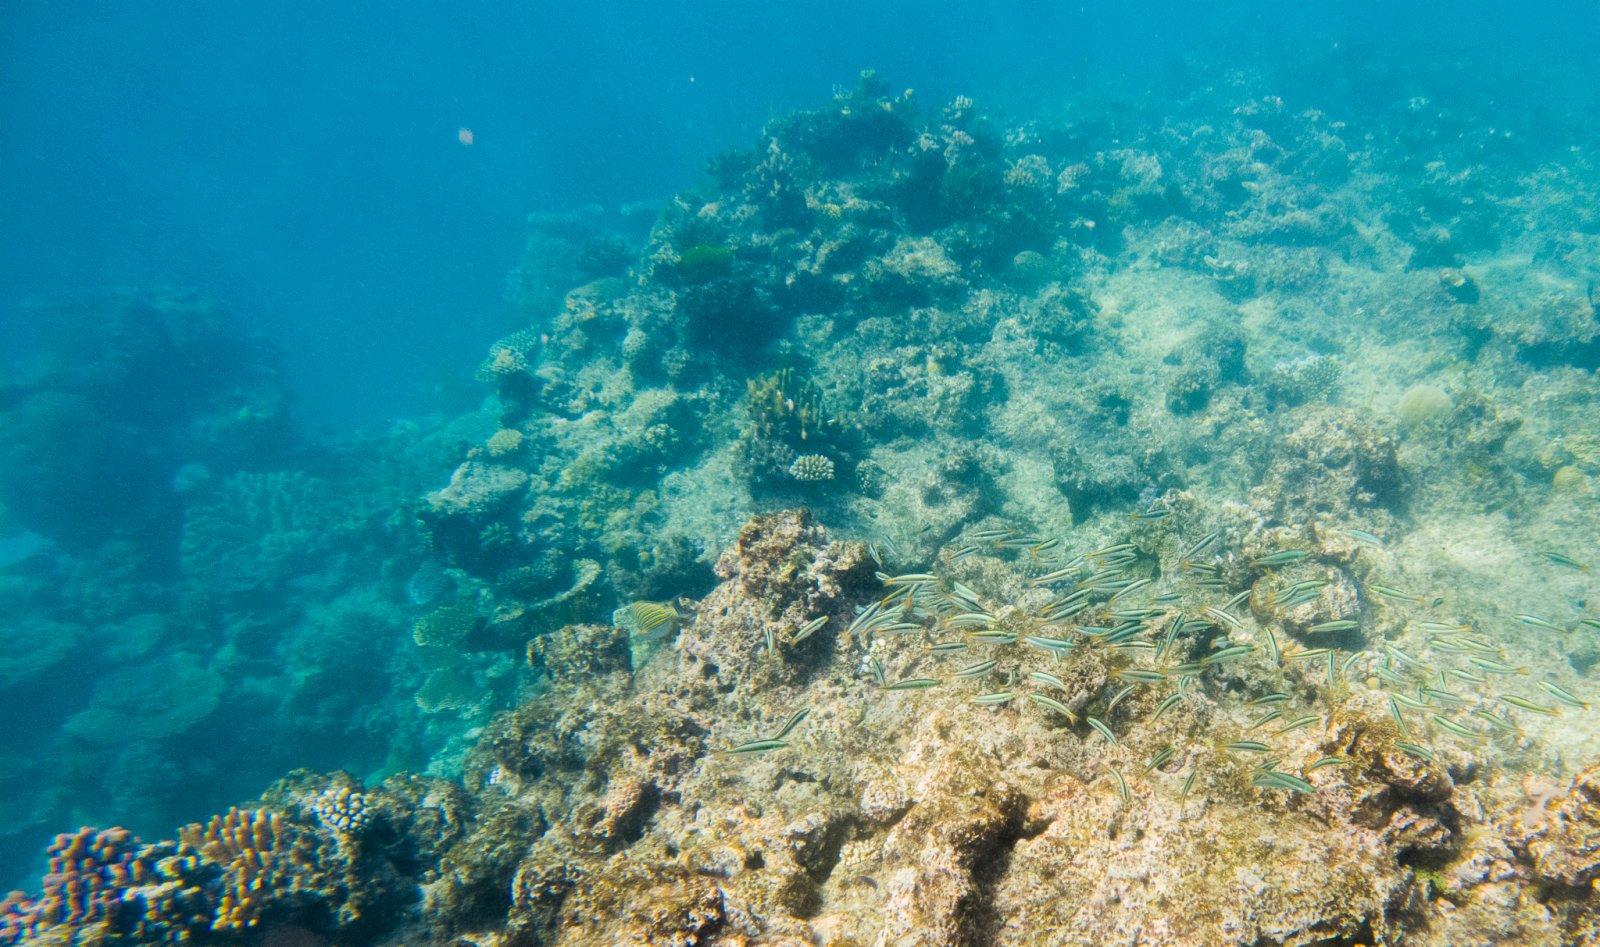 這是6月2日在澳大利亞昆士蘭拍攝的大堡礁海域珊瑚礁。(新華社)